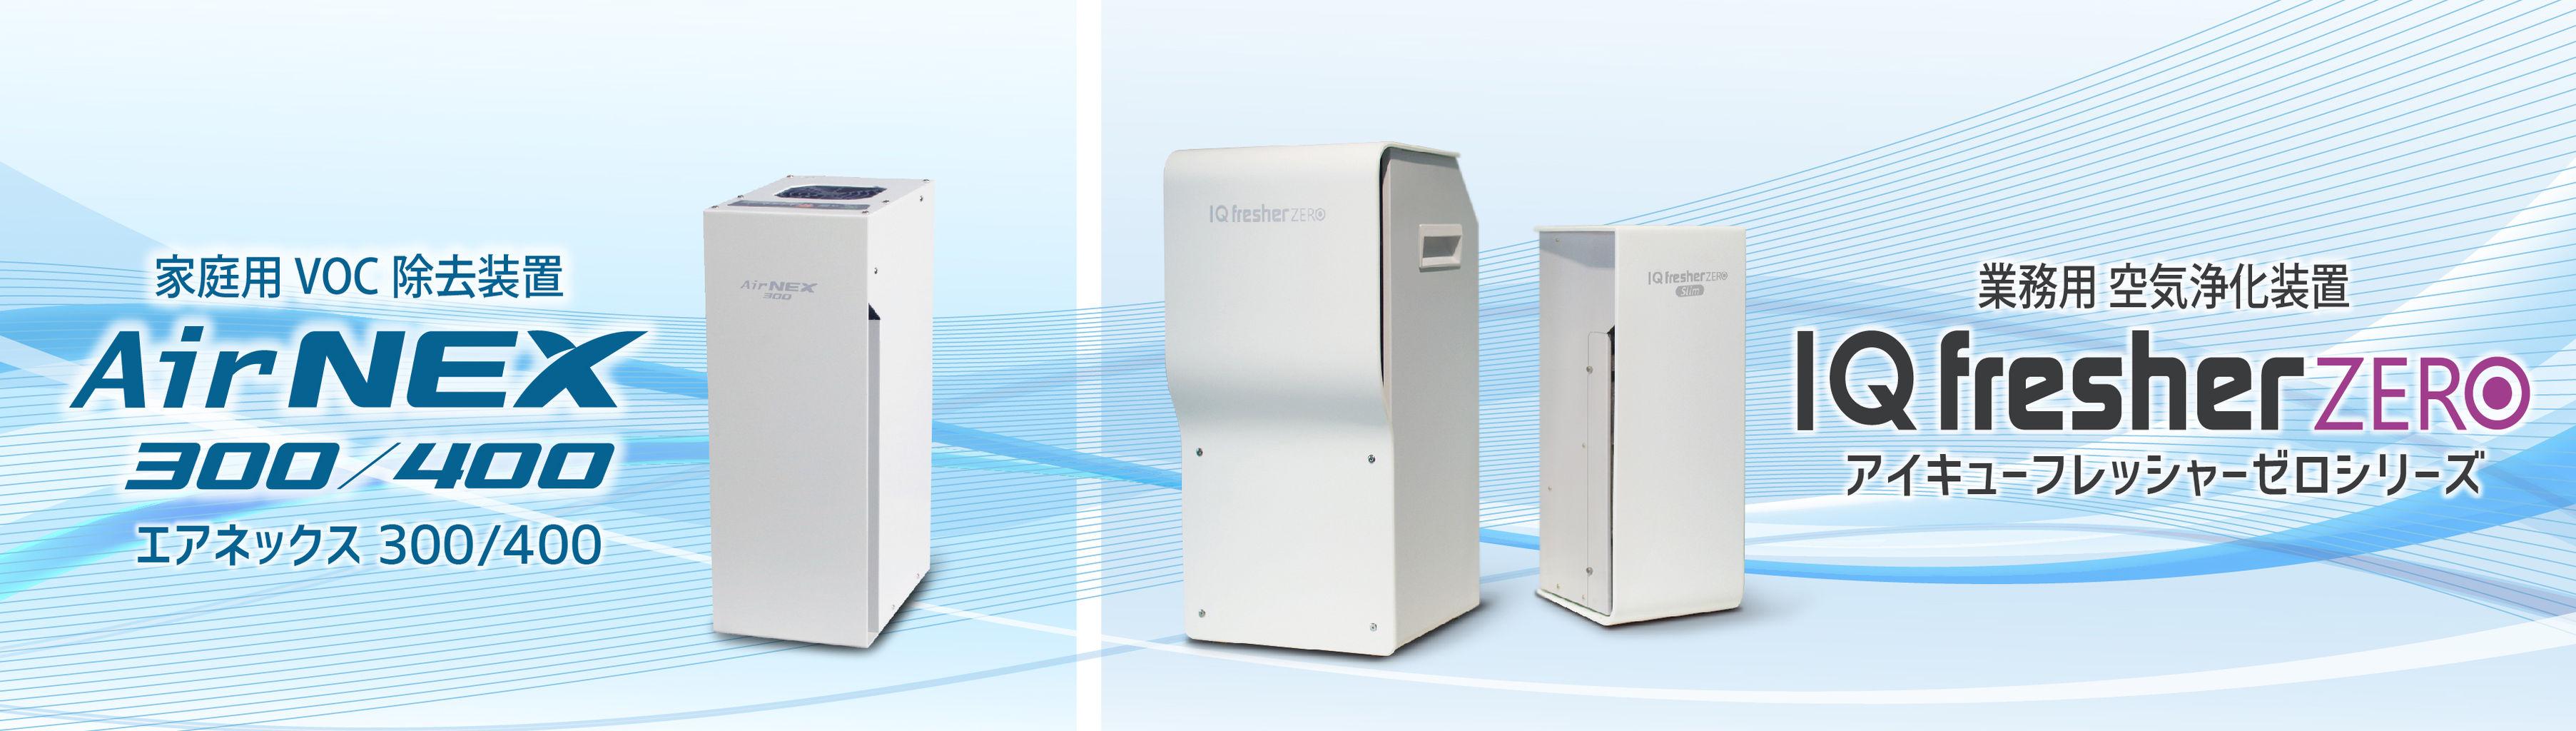 アイクォーク 空気浄化装置 blog イメージ画像